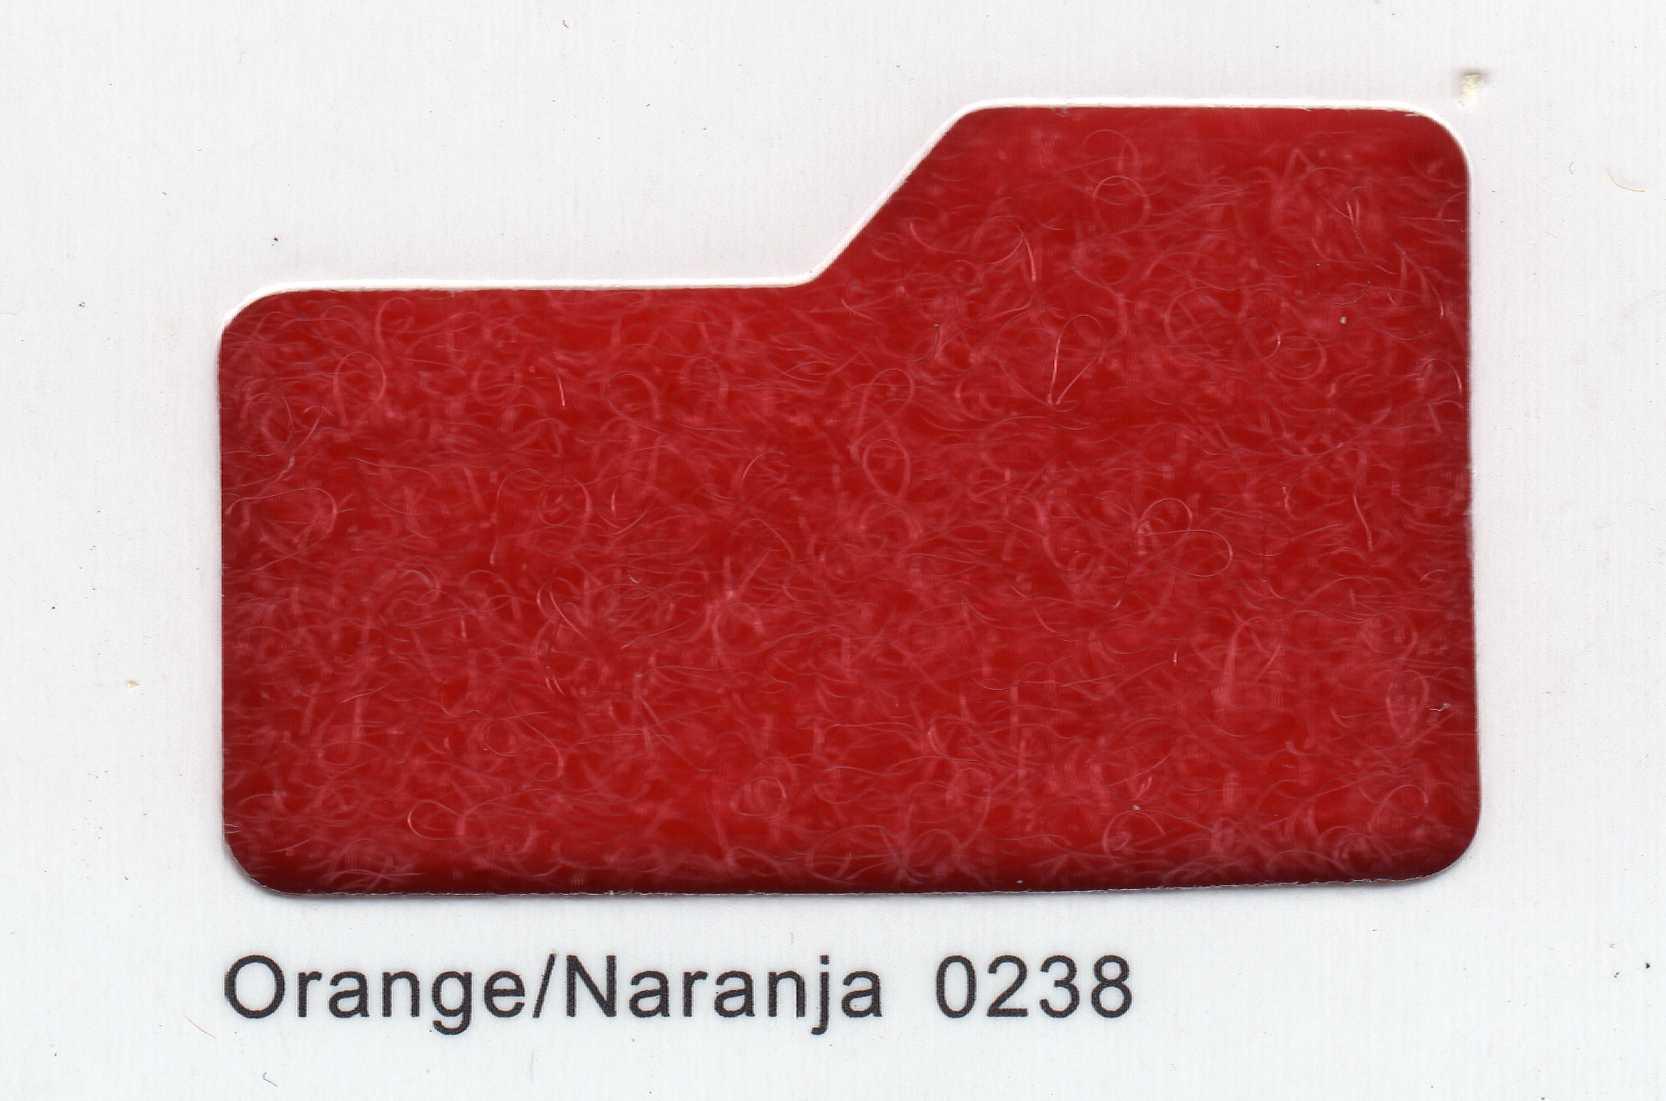 Cinta de cierre Velcro-Veraco 20mm Naranja 0238 (Rizo).